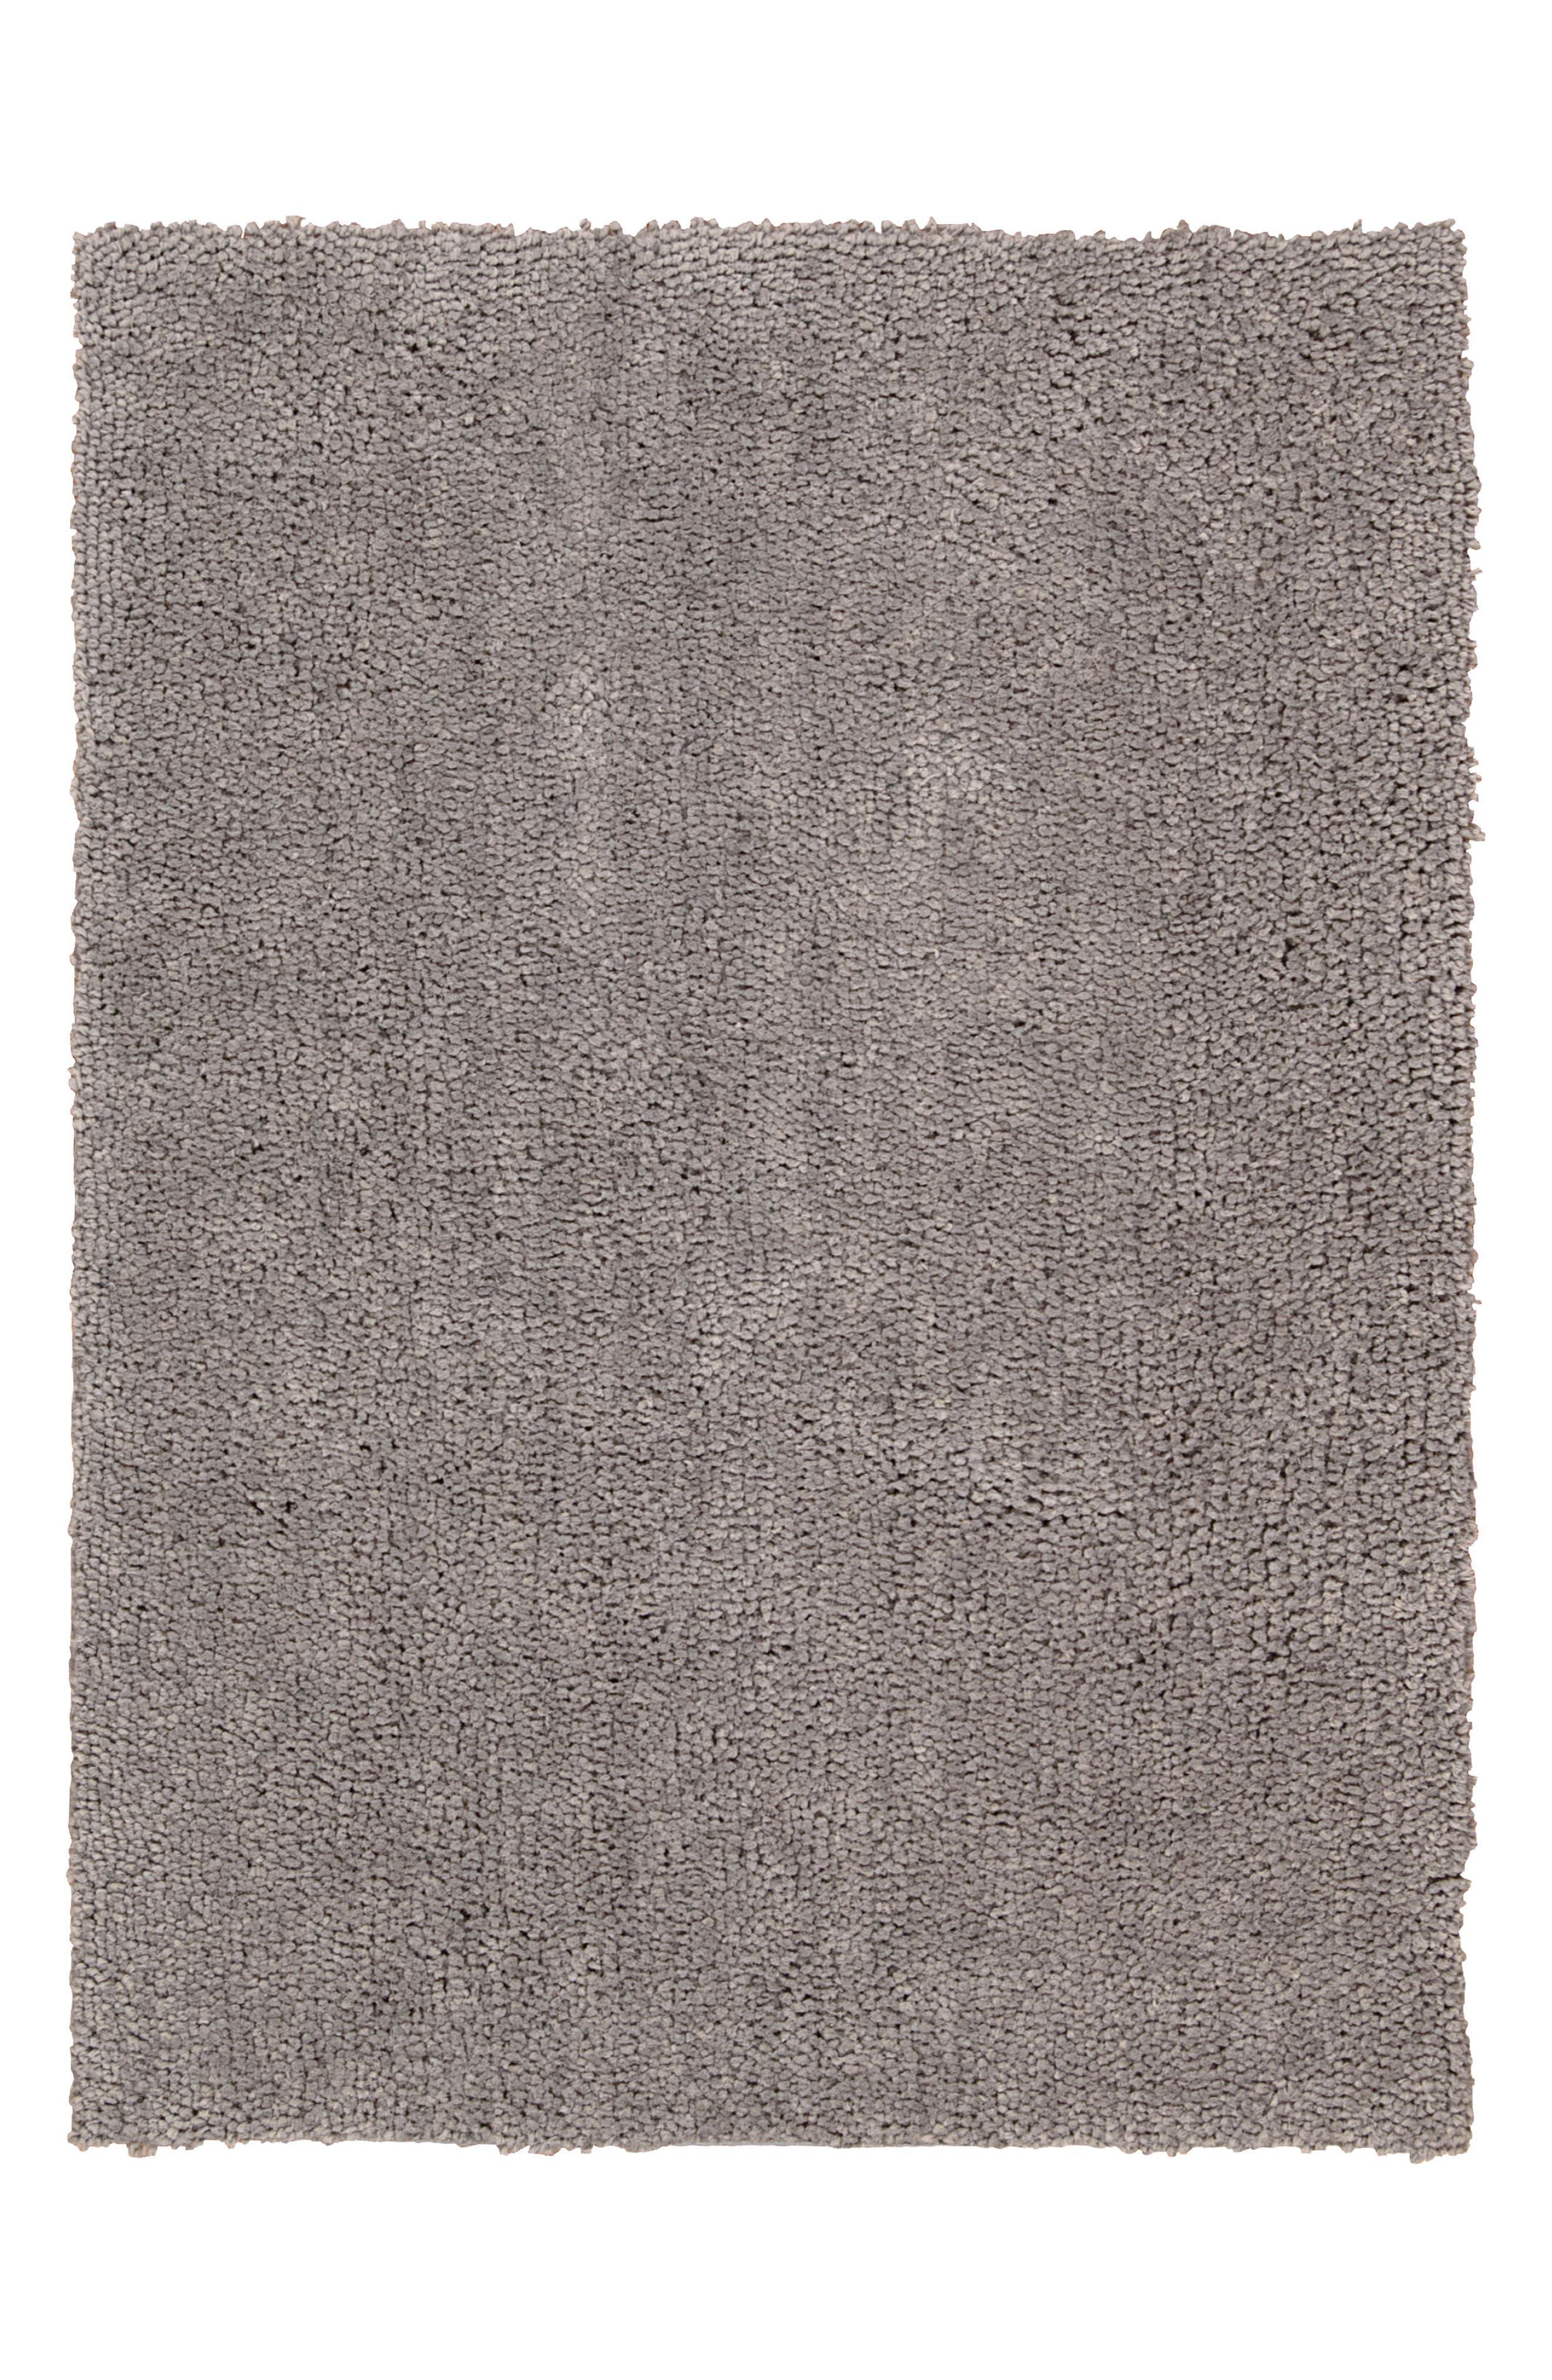 Puli Tufted Area Rug,                         Main,                         color, Ashen